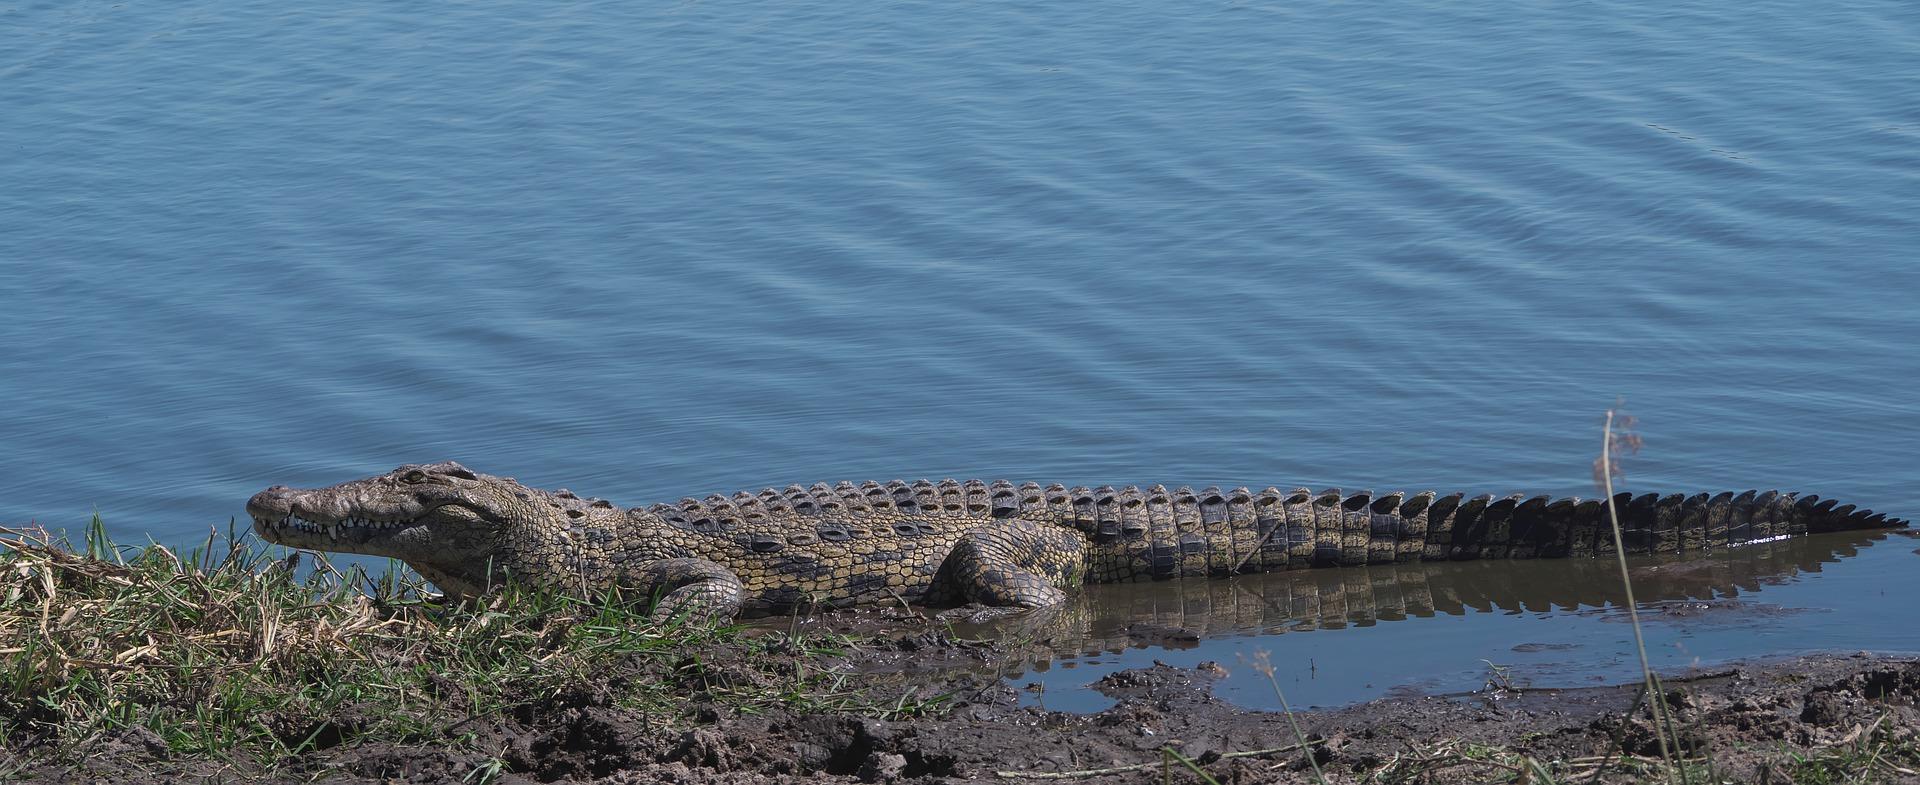 Reproducción del cocodrilo del Nilo